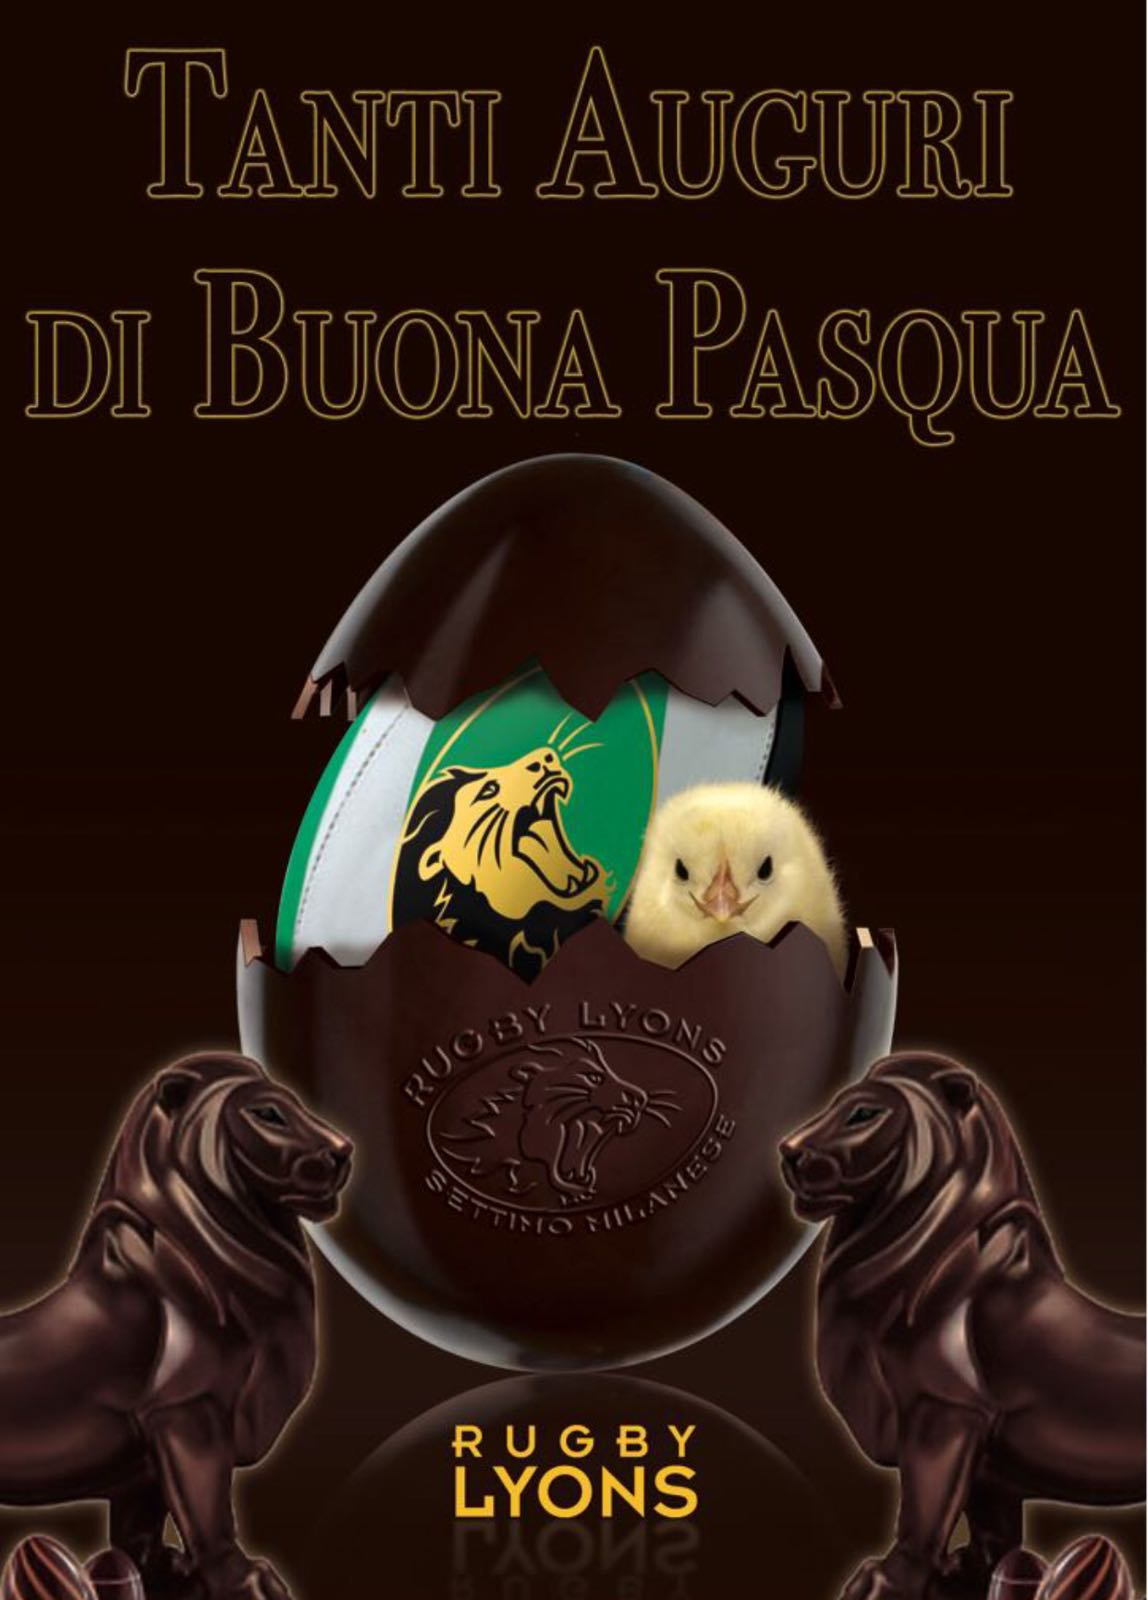 Il Rugby Lyons di Settimo Milanese Augura a Tutti una Buona Pasqua